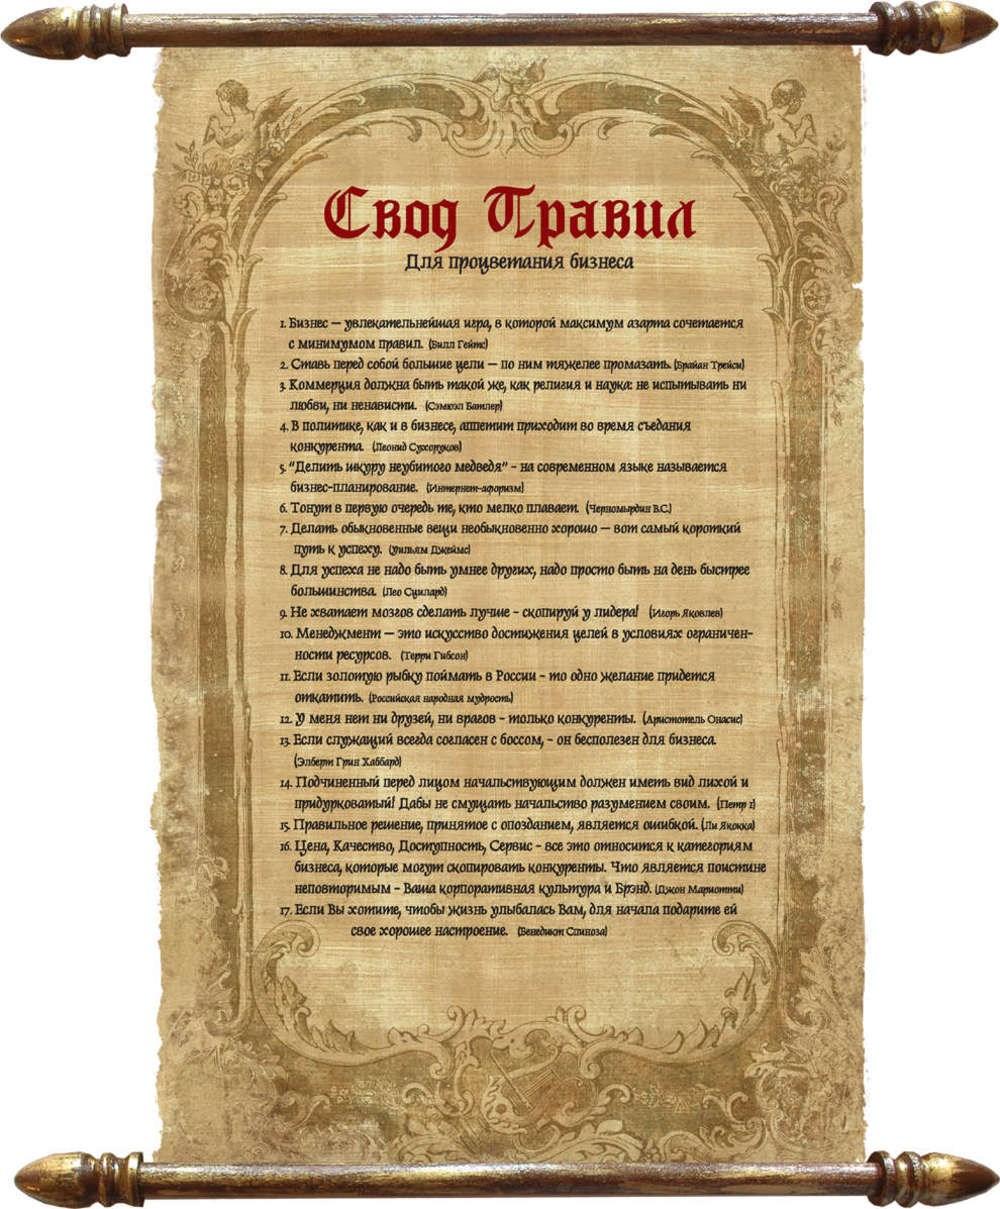 Поздравление Свод правил для бизнеса на папирусе